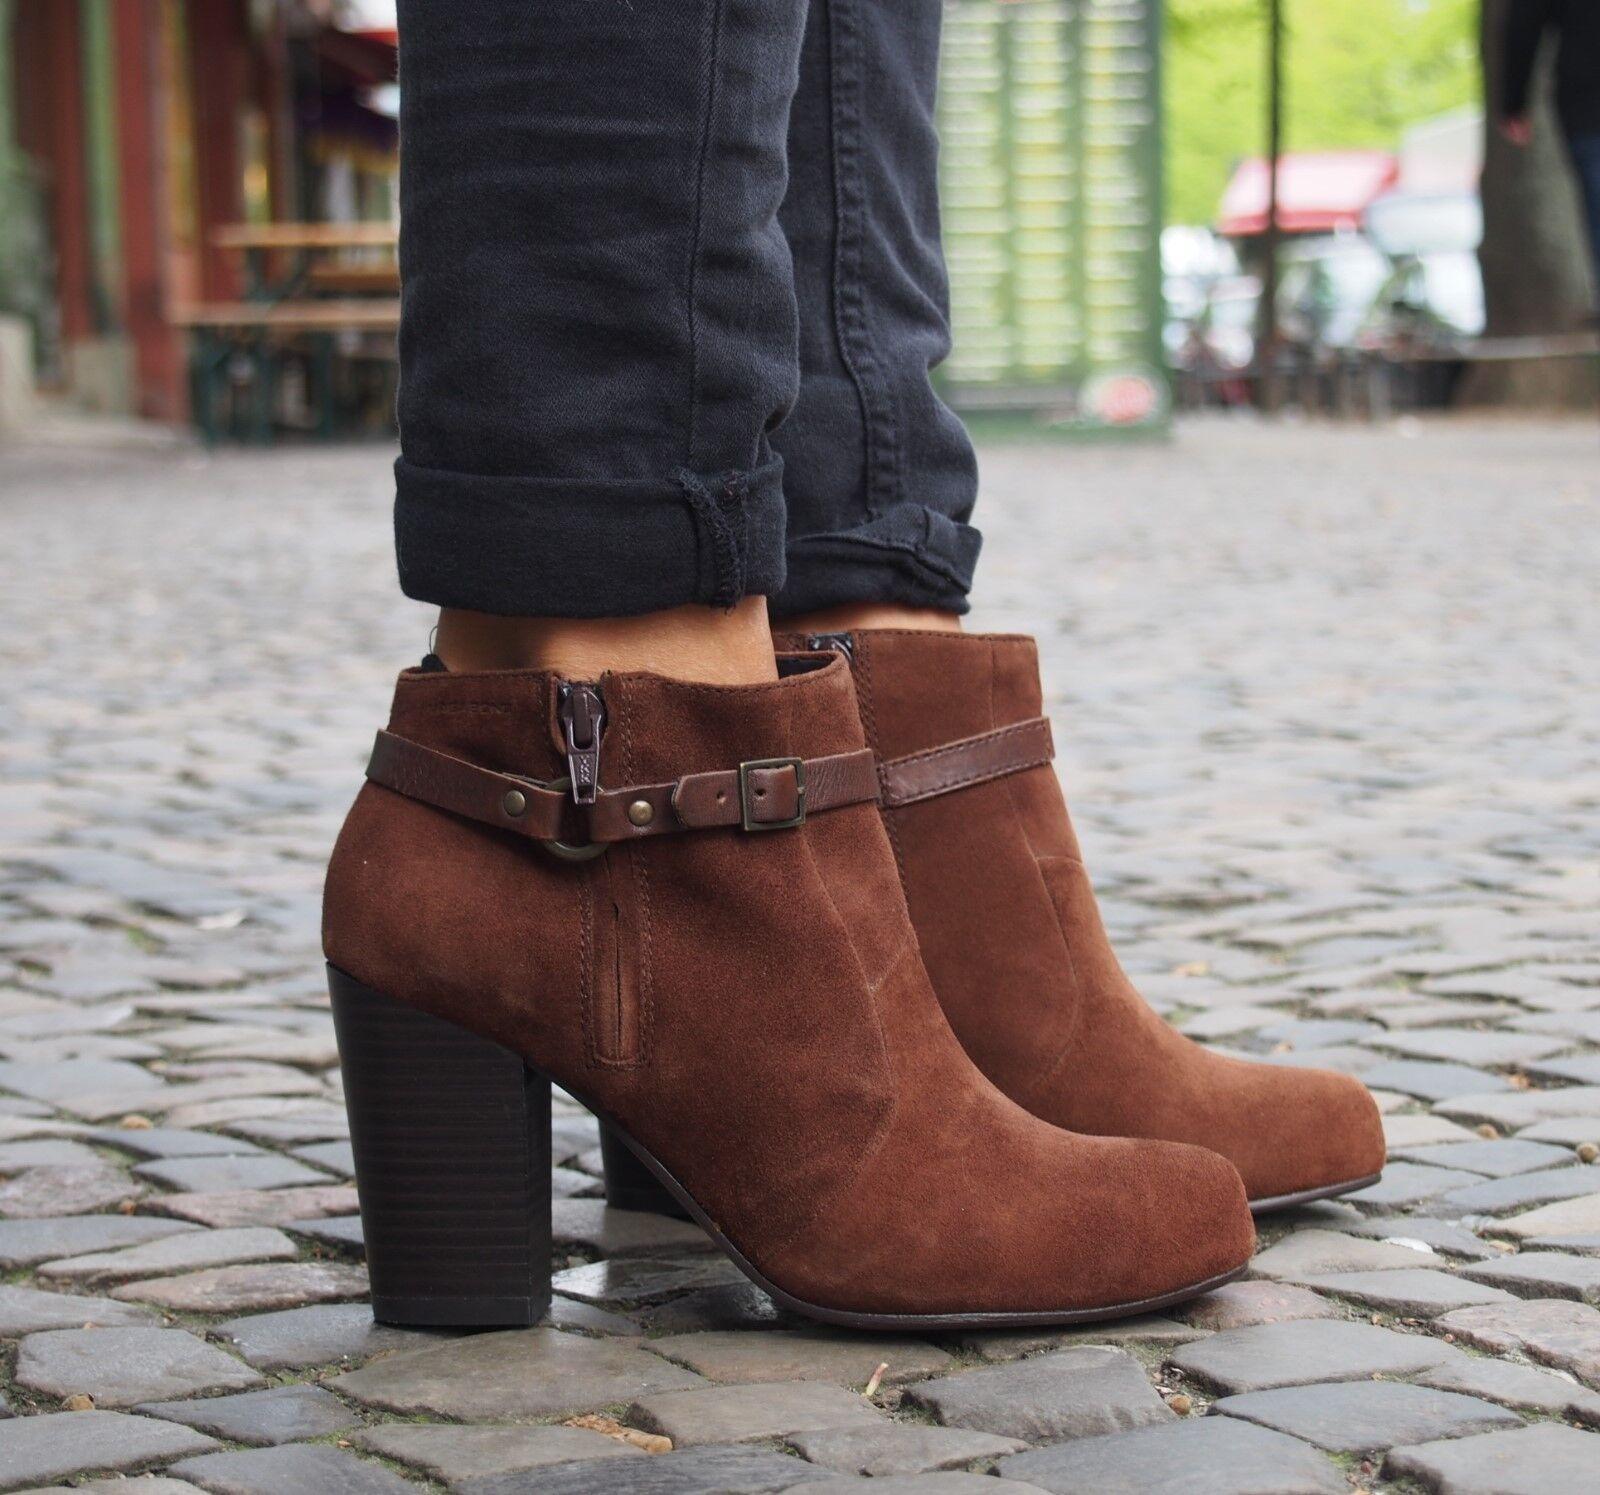 Vagabond Damenschuhe Pumps Ankle Stiefel KIMBERLEY 3618-142 braun Echtleder NEU